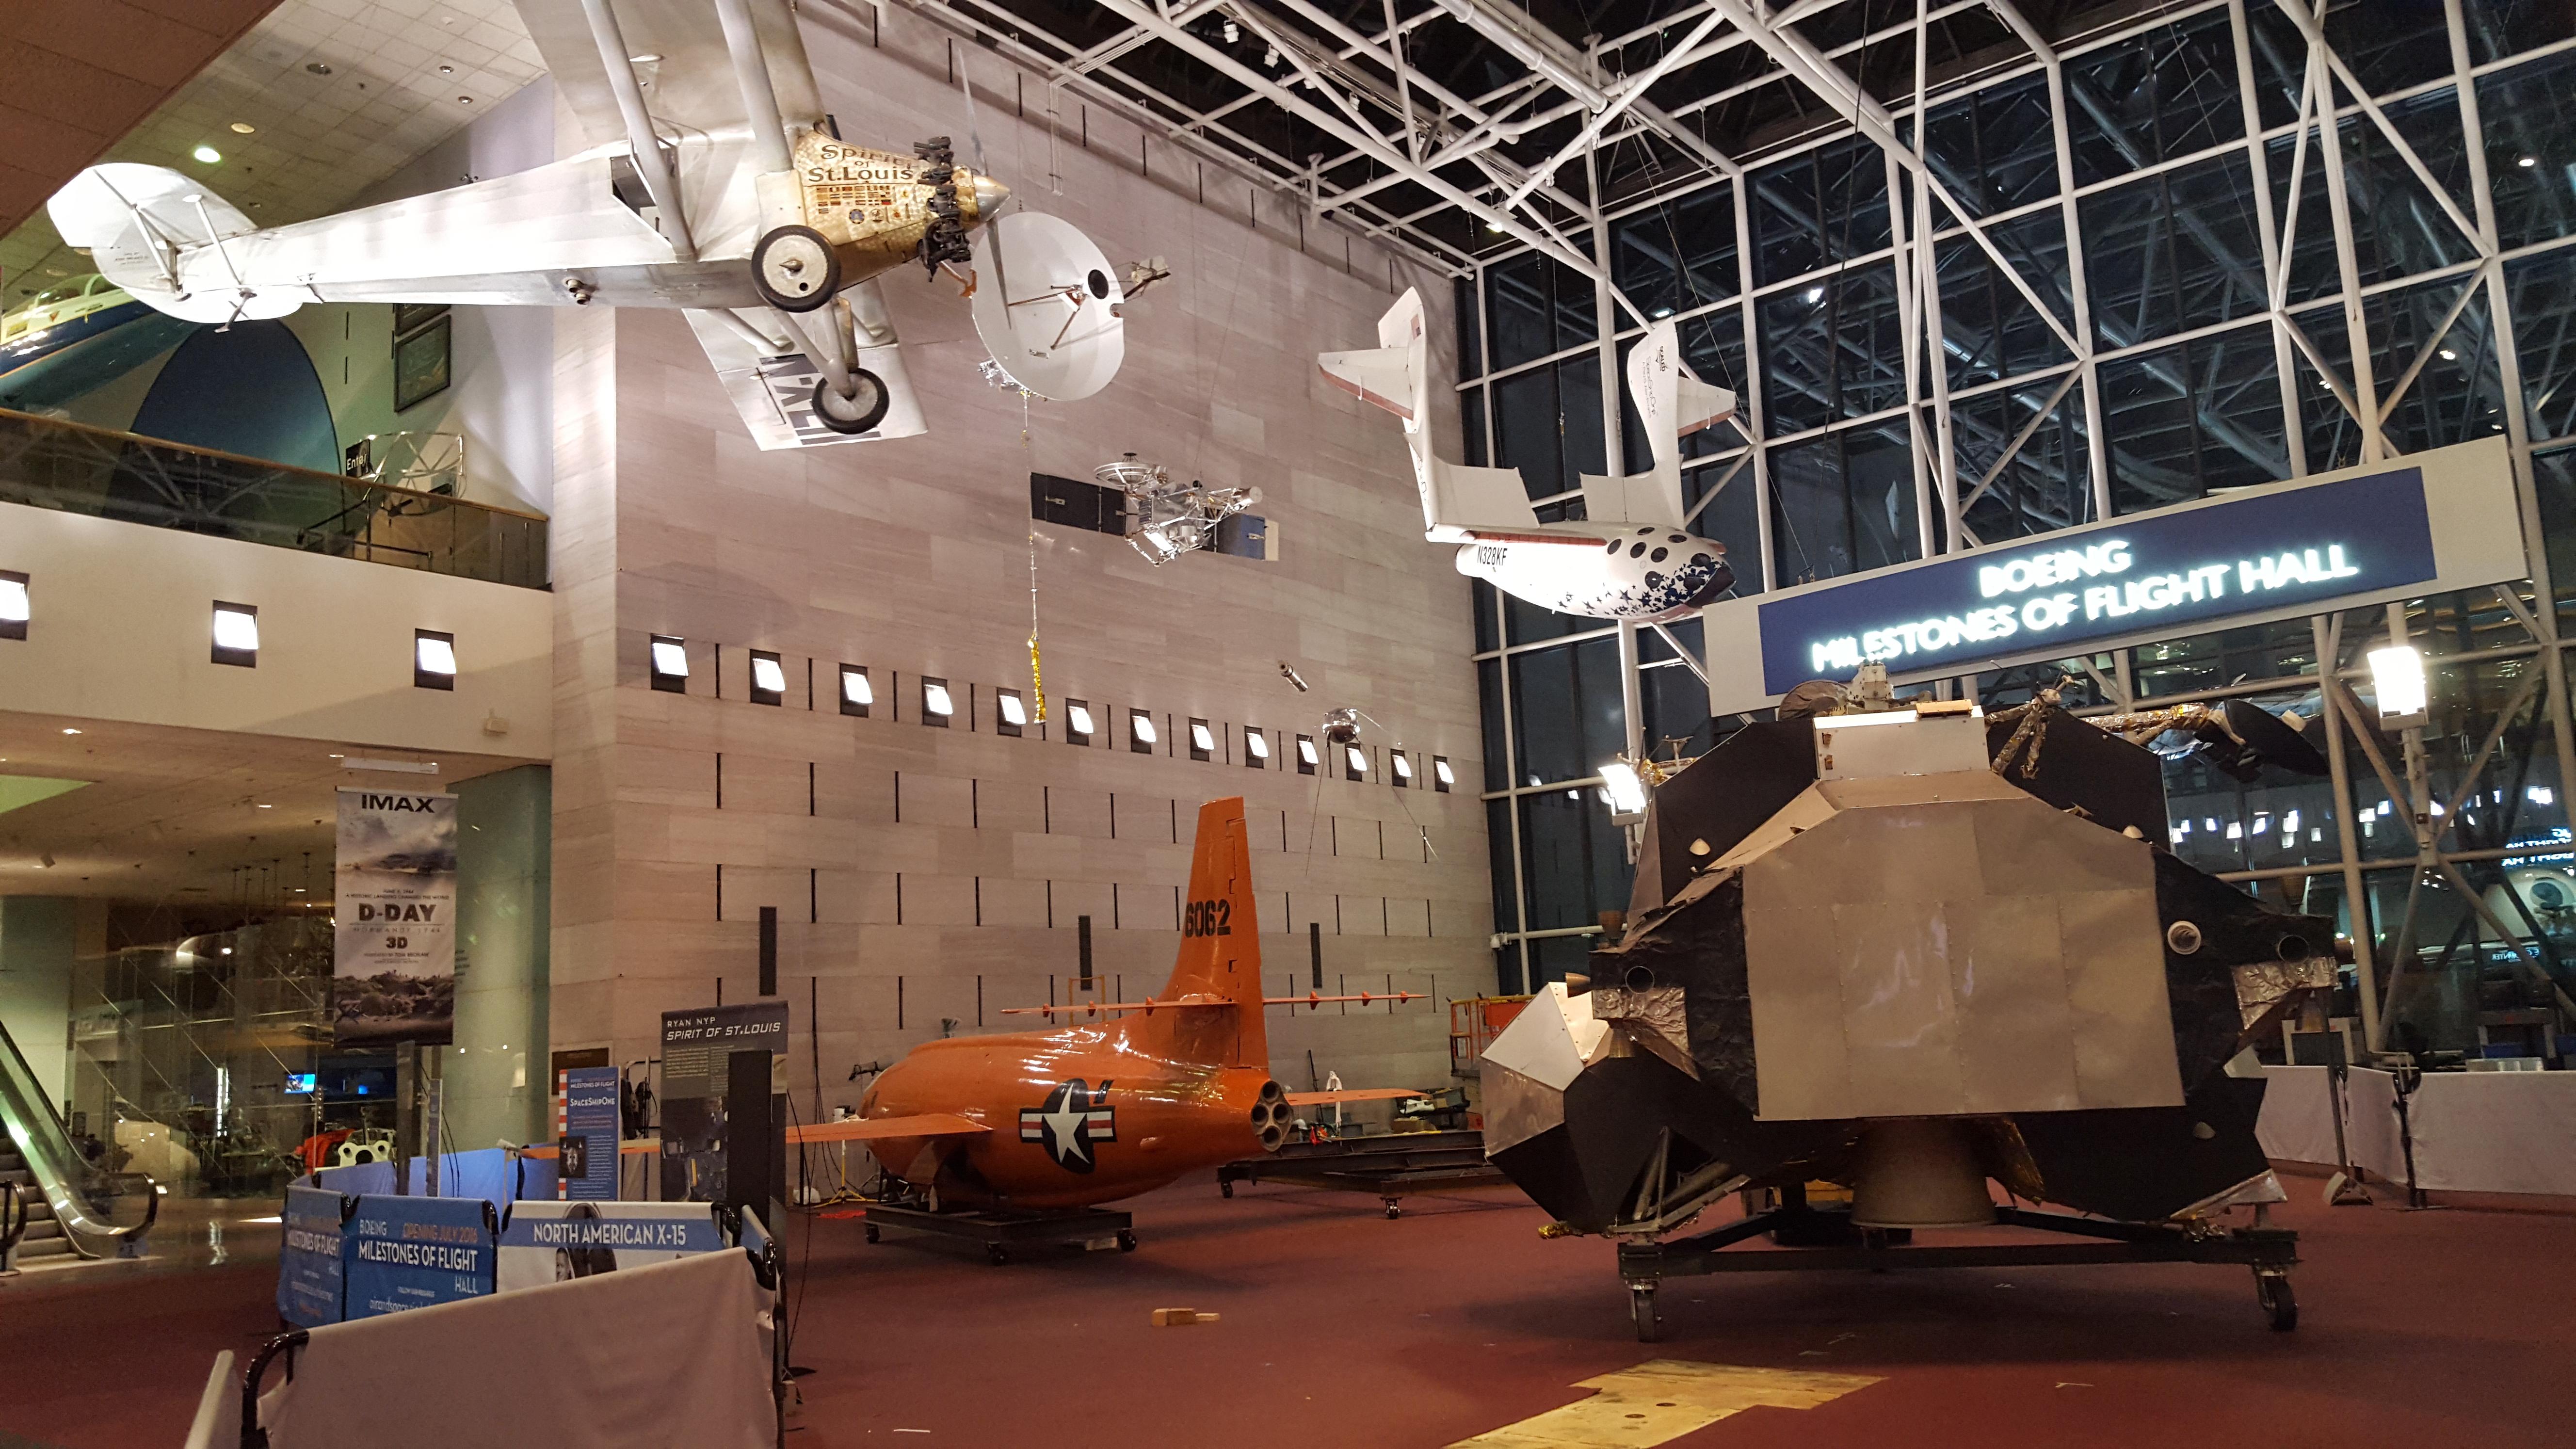 washington space museum apollo - photo #37